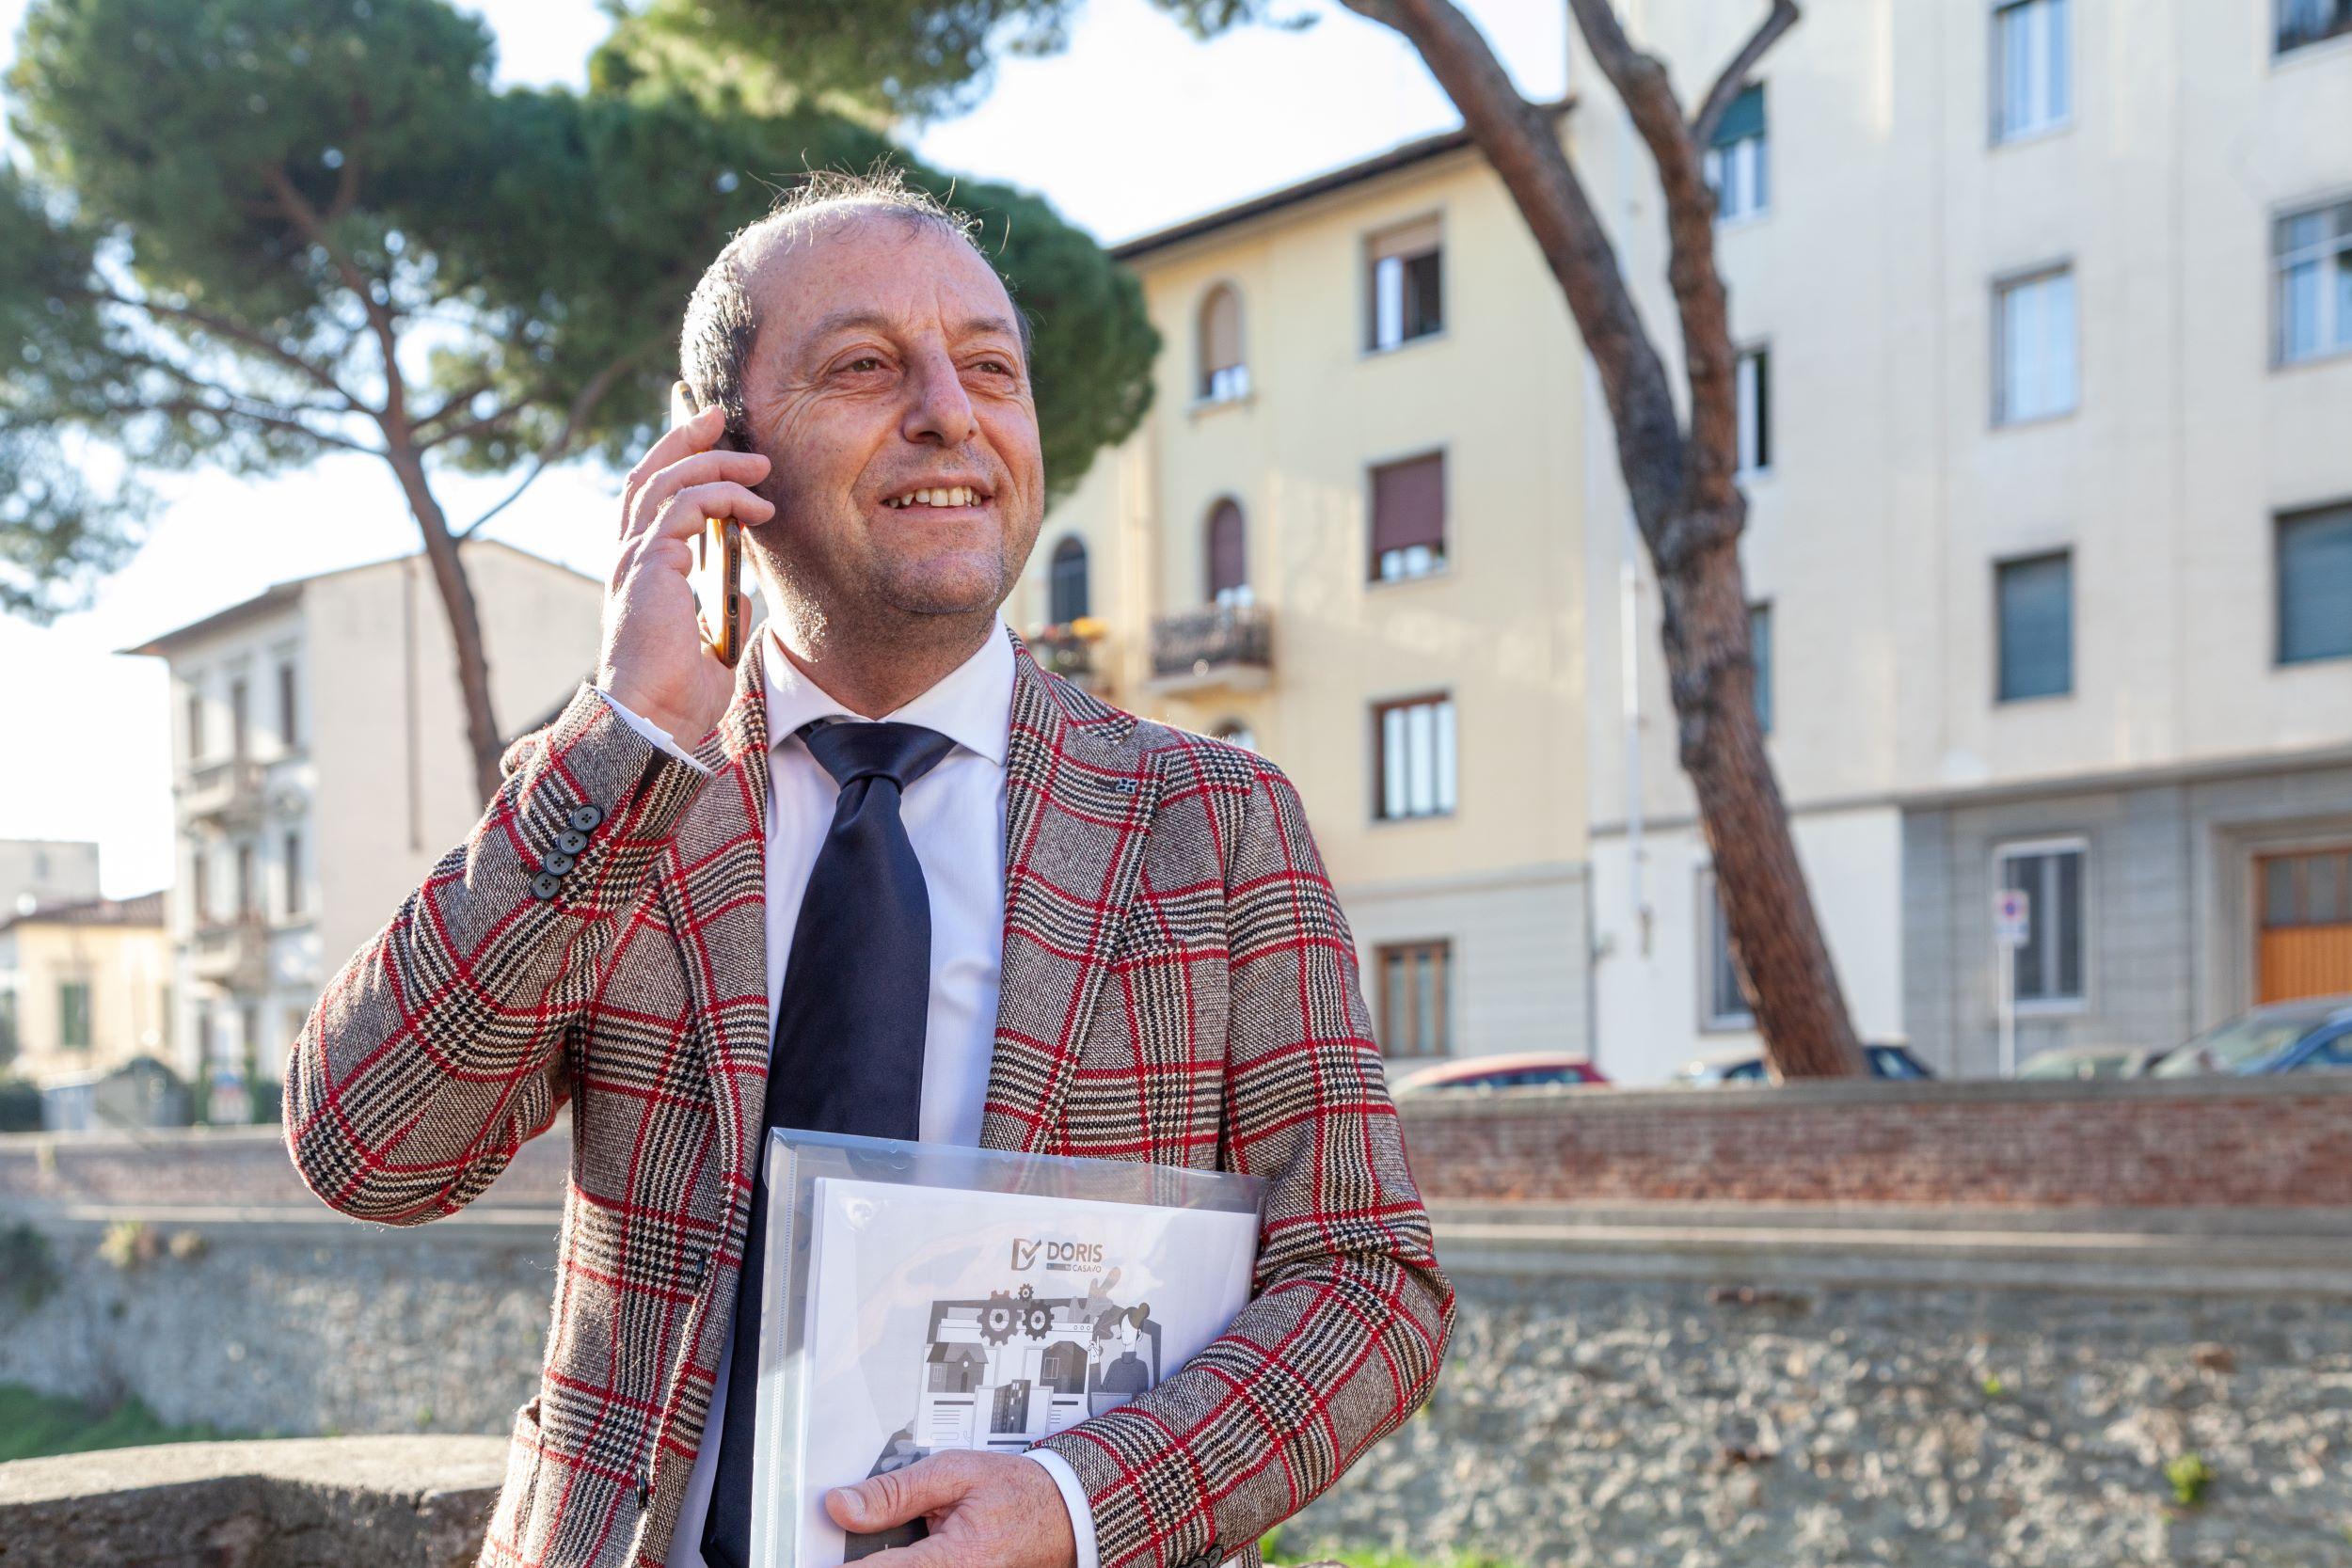 La storia del nostro agente partner Daniele Gasperini